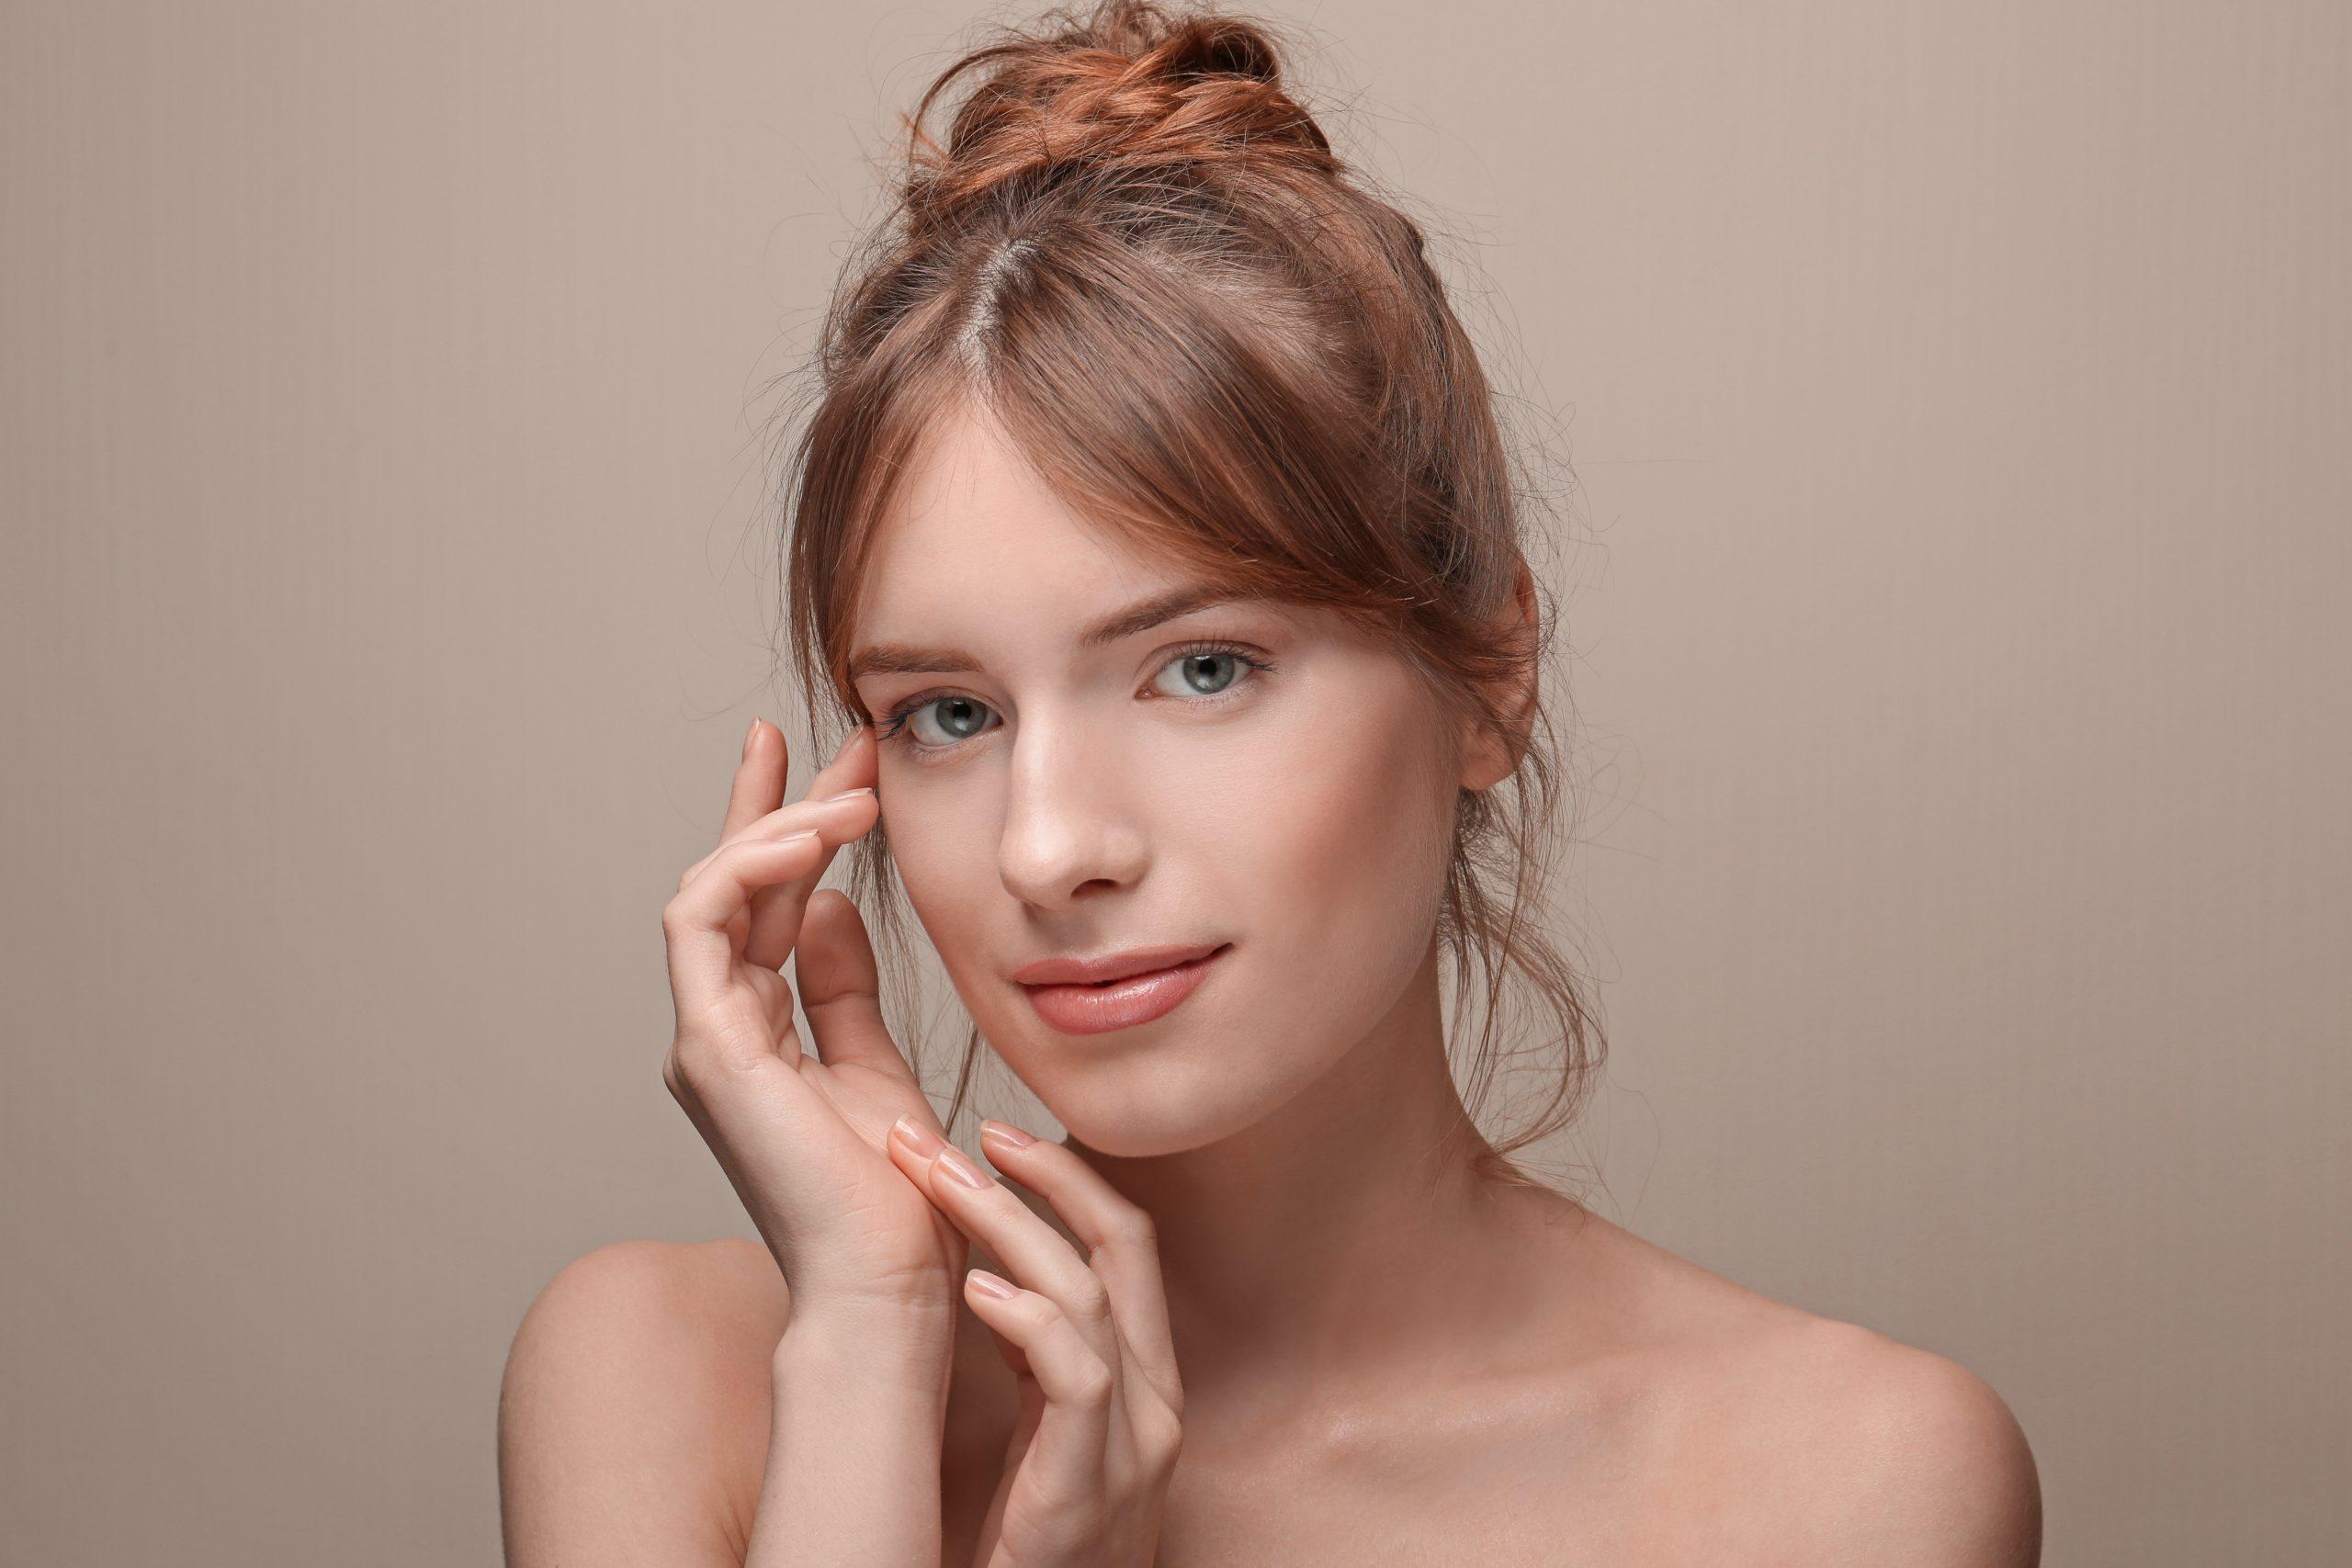 La última aplicación del ácido hialurónico: combatir las ojeras